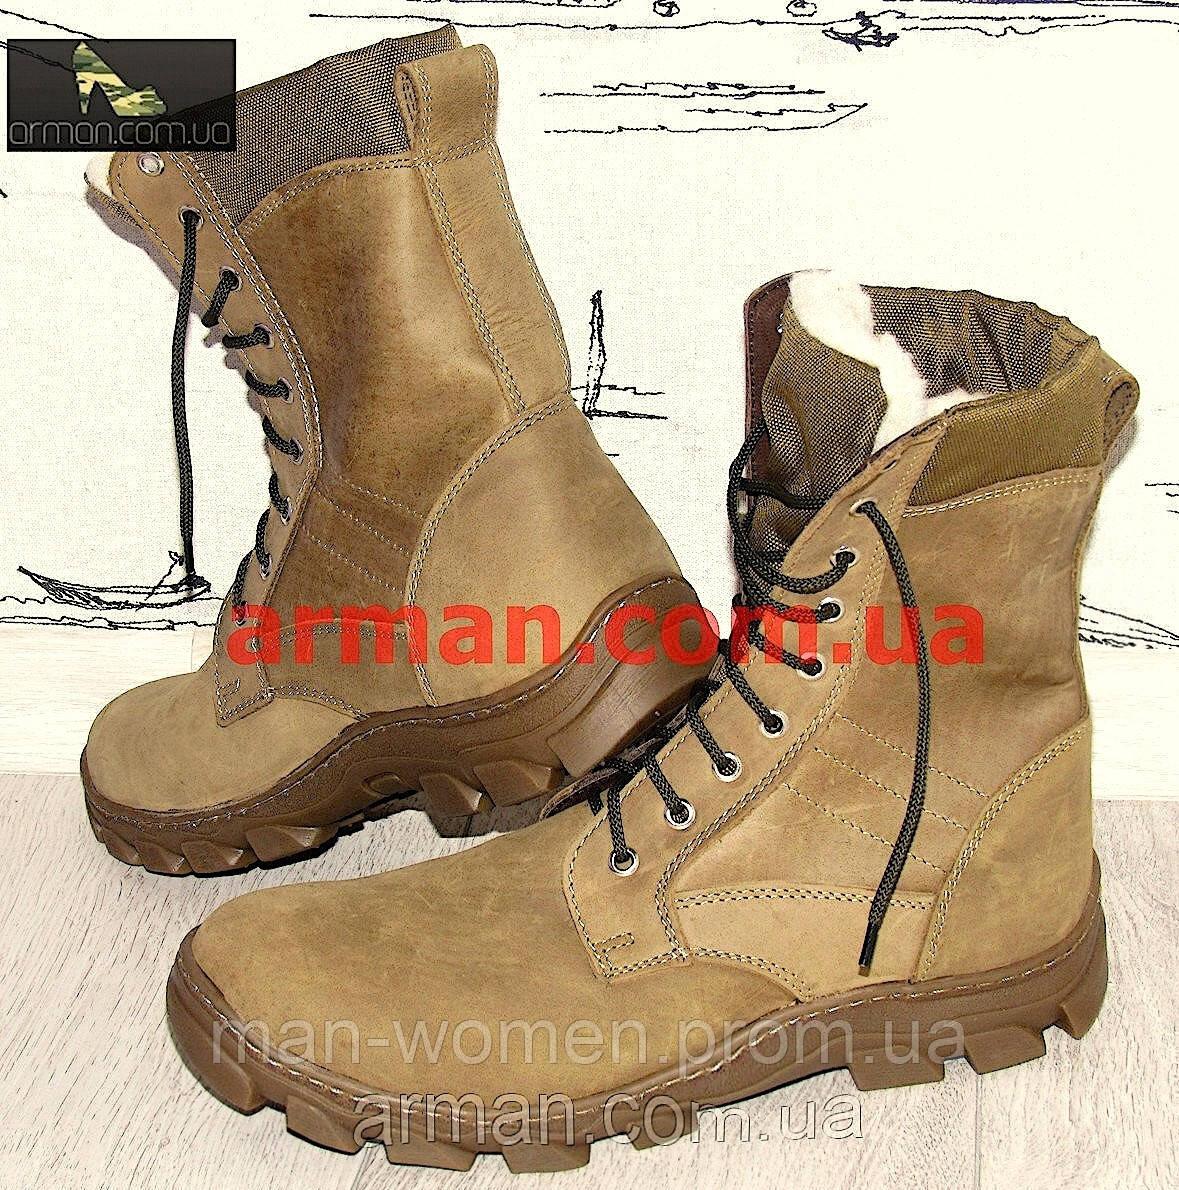 Зимние ботинки, берцы на меху, военная обувь!  Размеры 40-45.